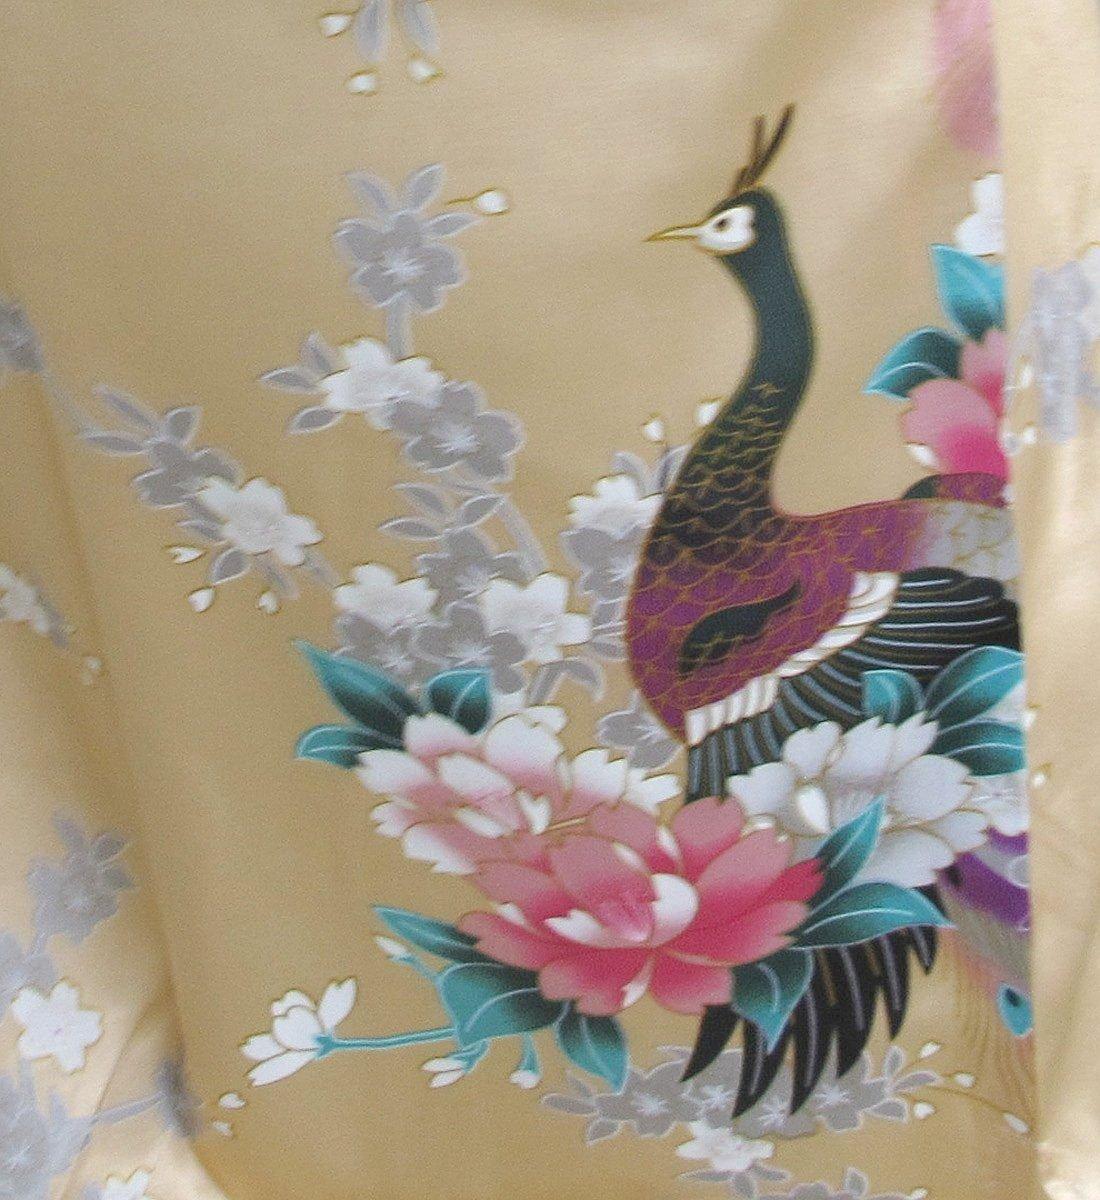 Thai Vintage Women's Gold Kimono Silk Satin Bath Wrap Robe Peacock Design 2